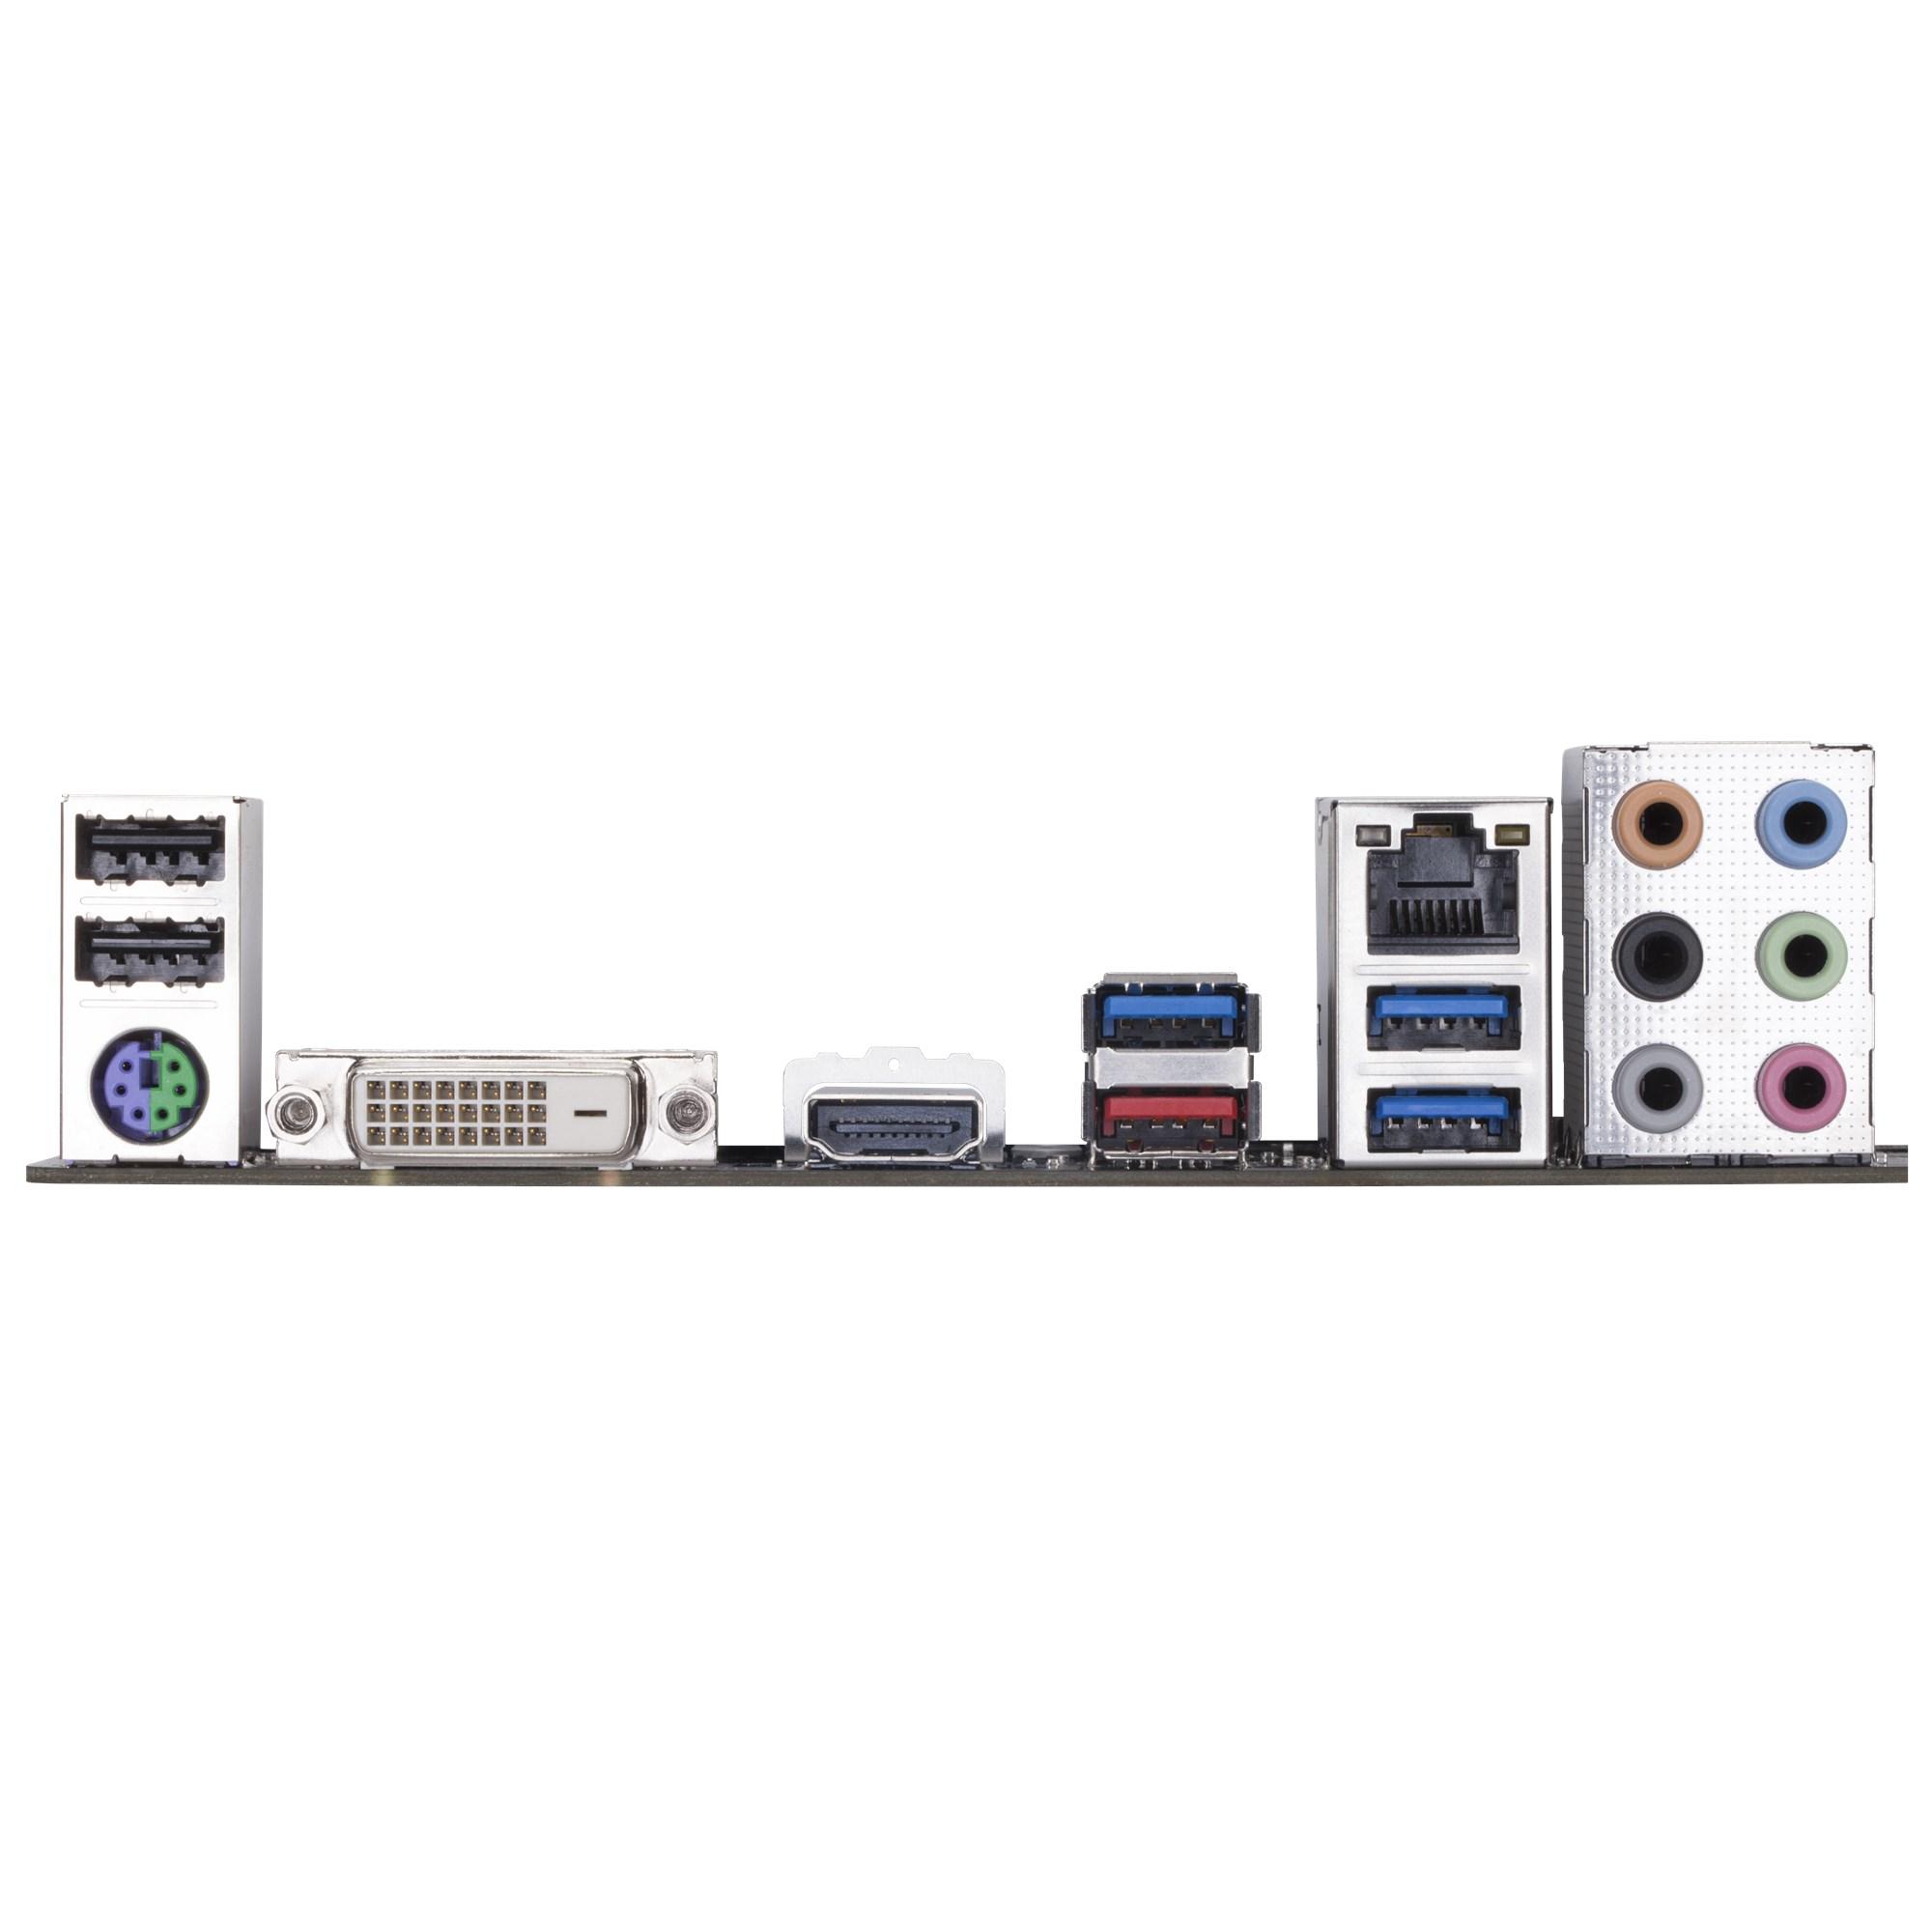 Gigabyte B360M AORUS GAMING 3 mATX Motherboard for Intel LGA1151